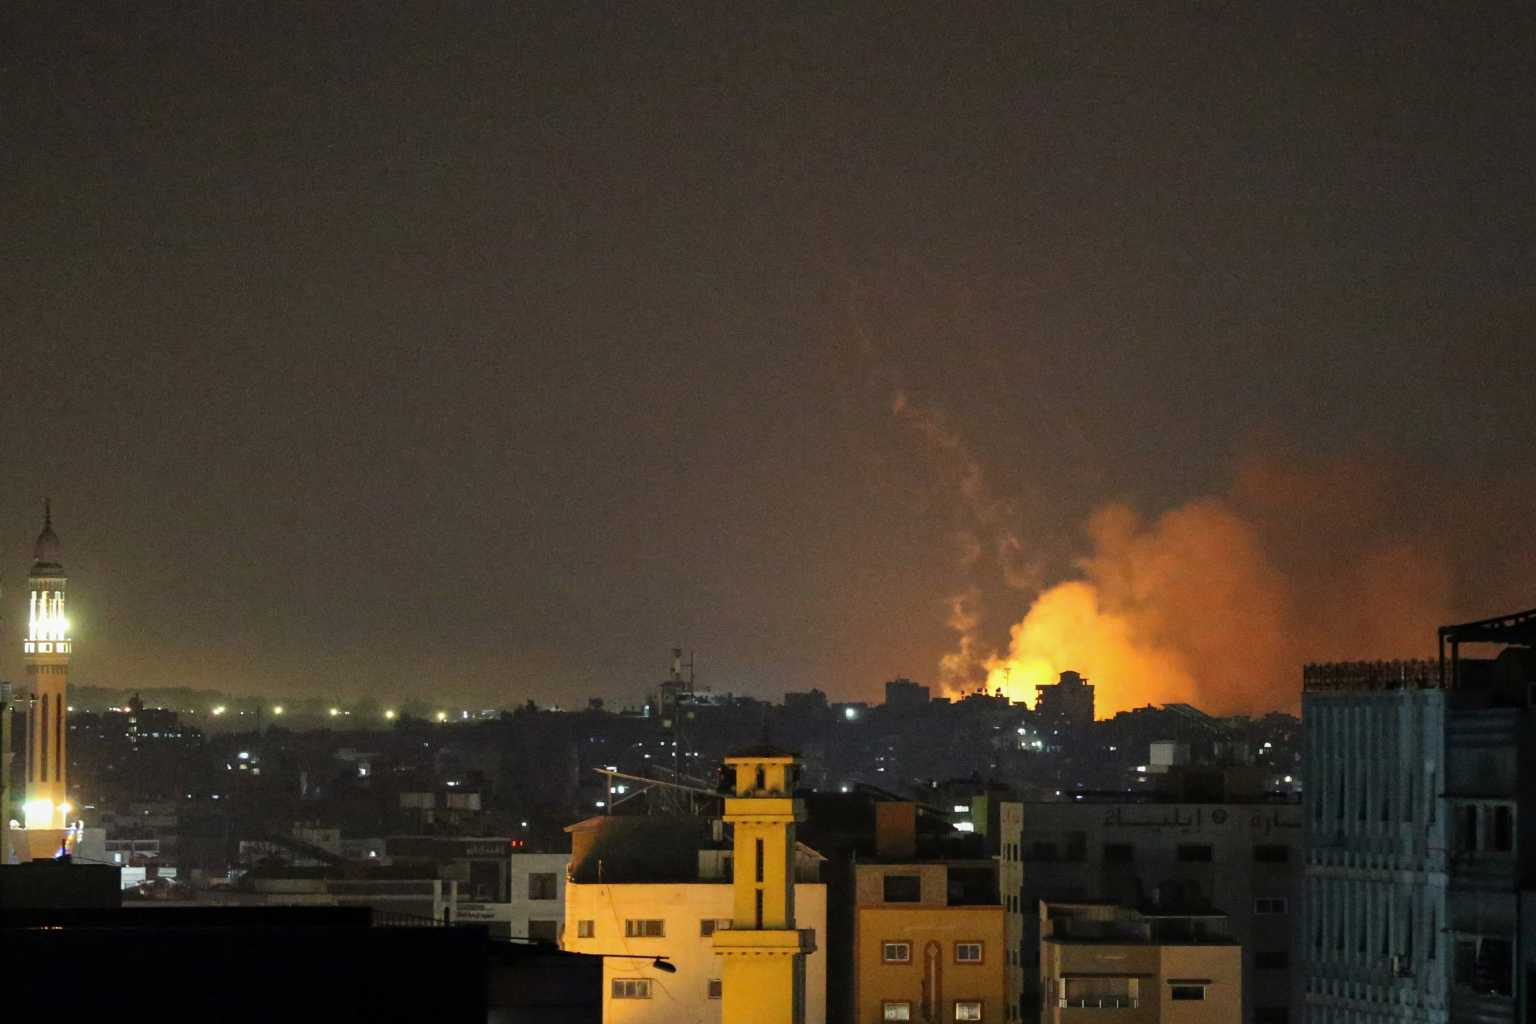 Ισραήλ - Παλαιστίνη: Με αίμα συνεχίζονται να βάφονται οι εχθροπραξίες ανάμεσα στις δύο πλευρές. Ήδη ο αριθμός των νεκρών έχει ξεπεράσει τους 100.